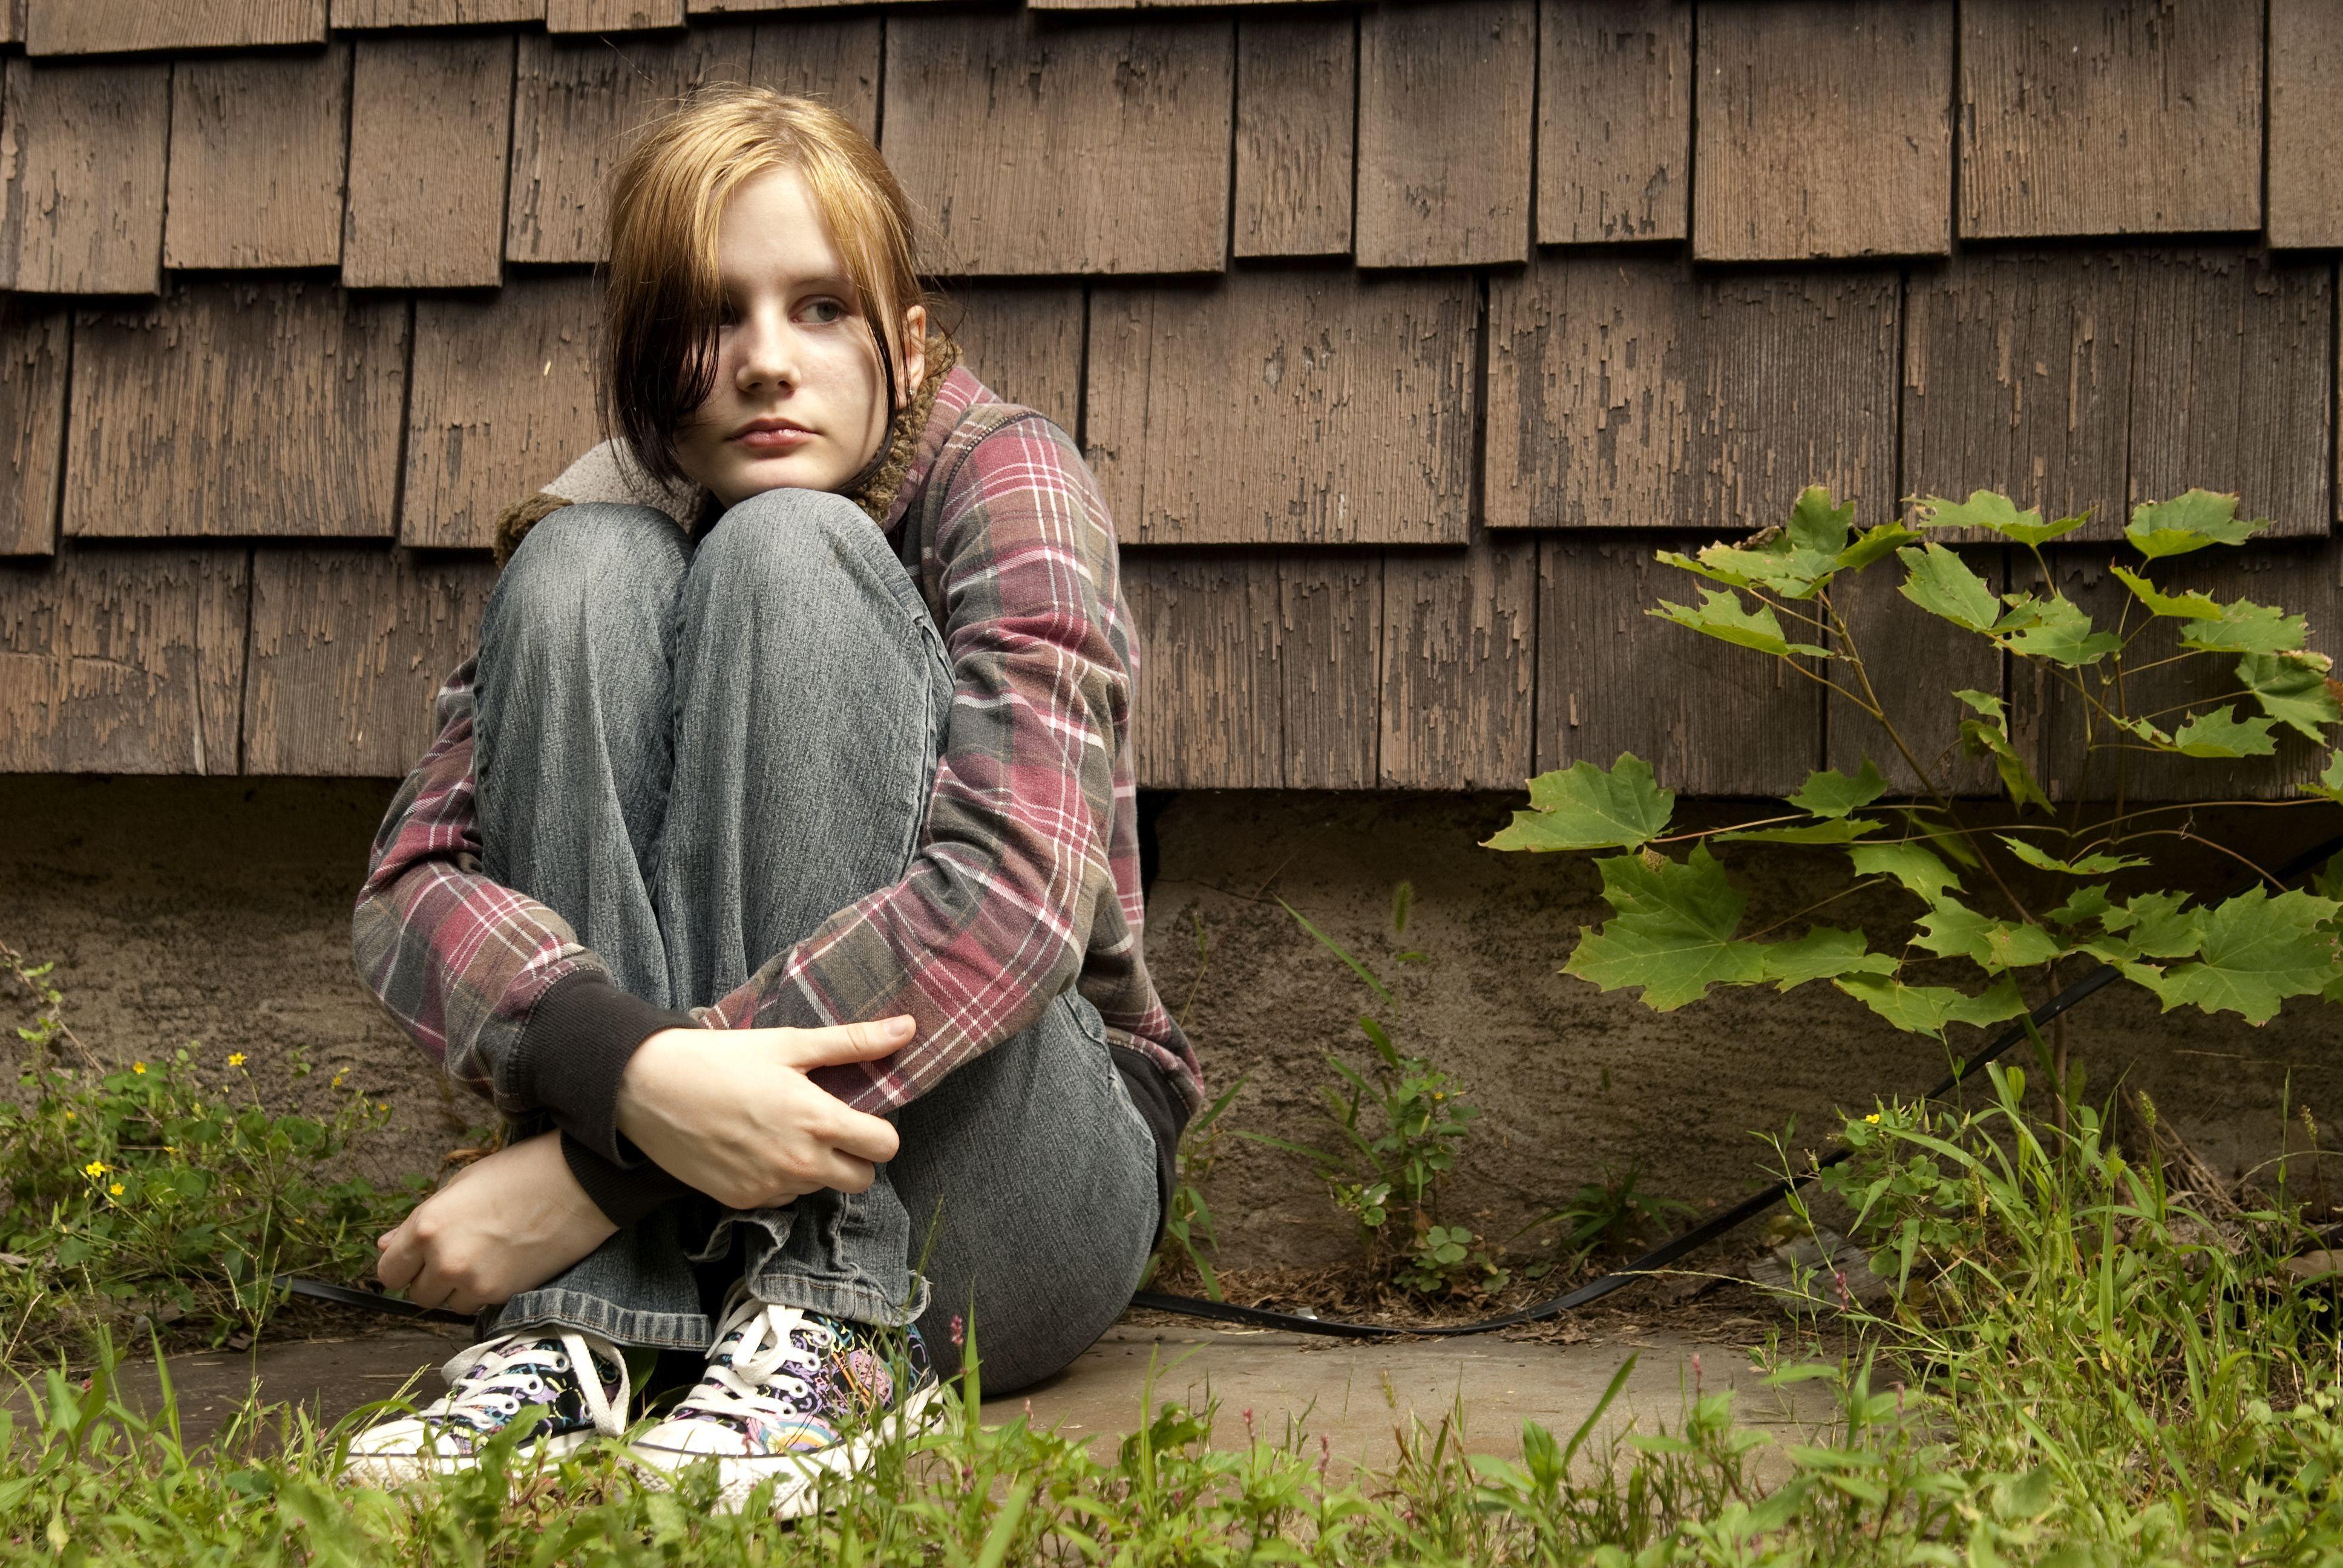 Детская депрессия может обернуться проблемами со здоровьем и социализацией